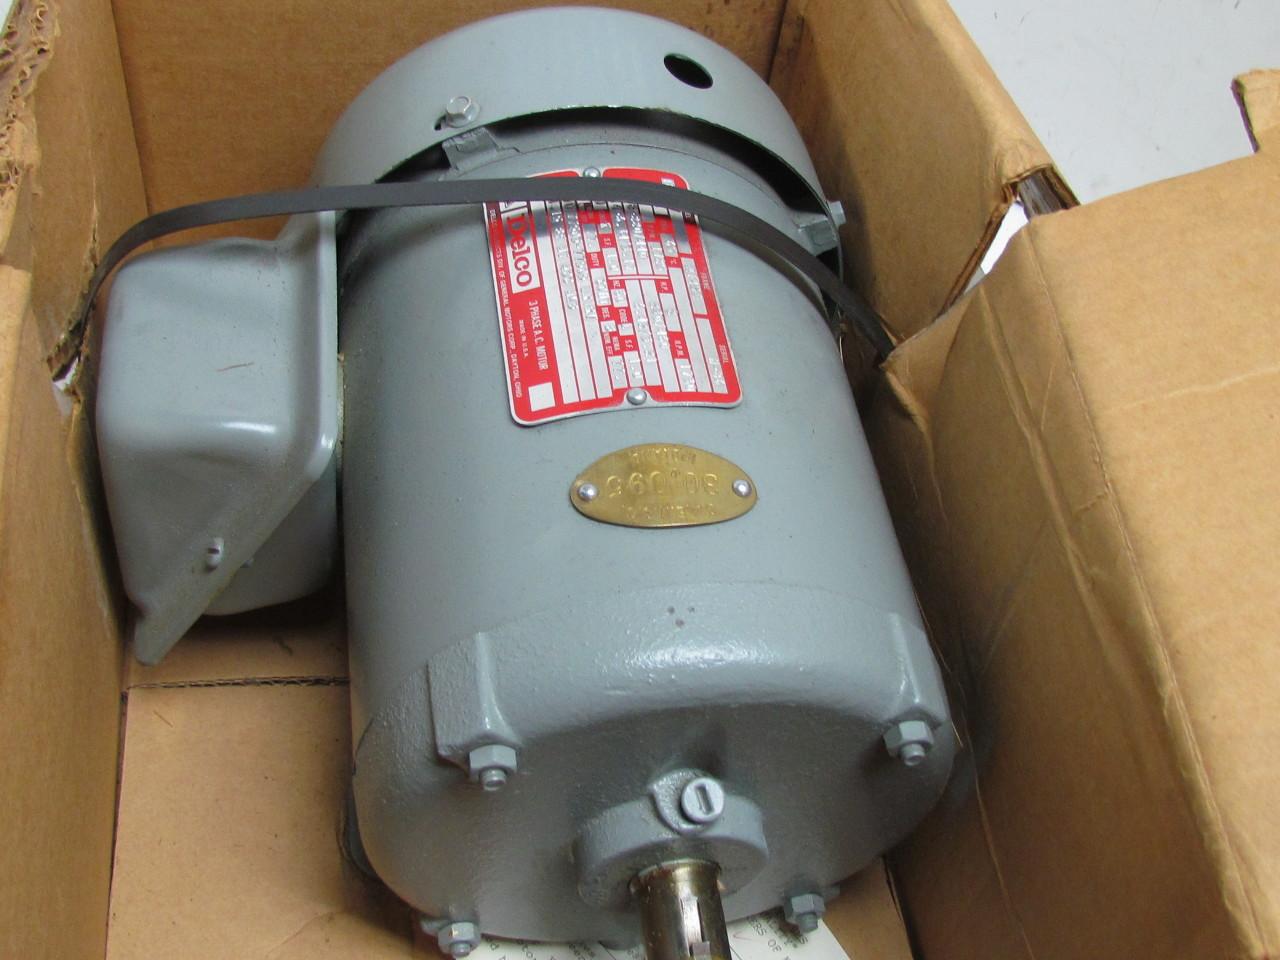 Delco 1f4827 2 Hp Electric Motor 3 Ph 1750 Rpm 220 440v